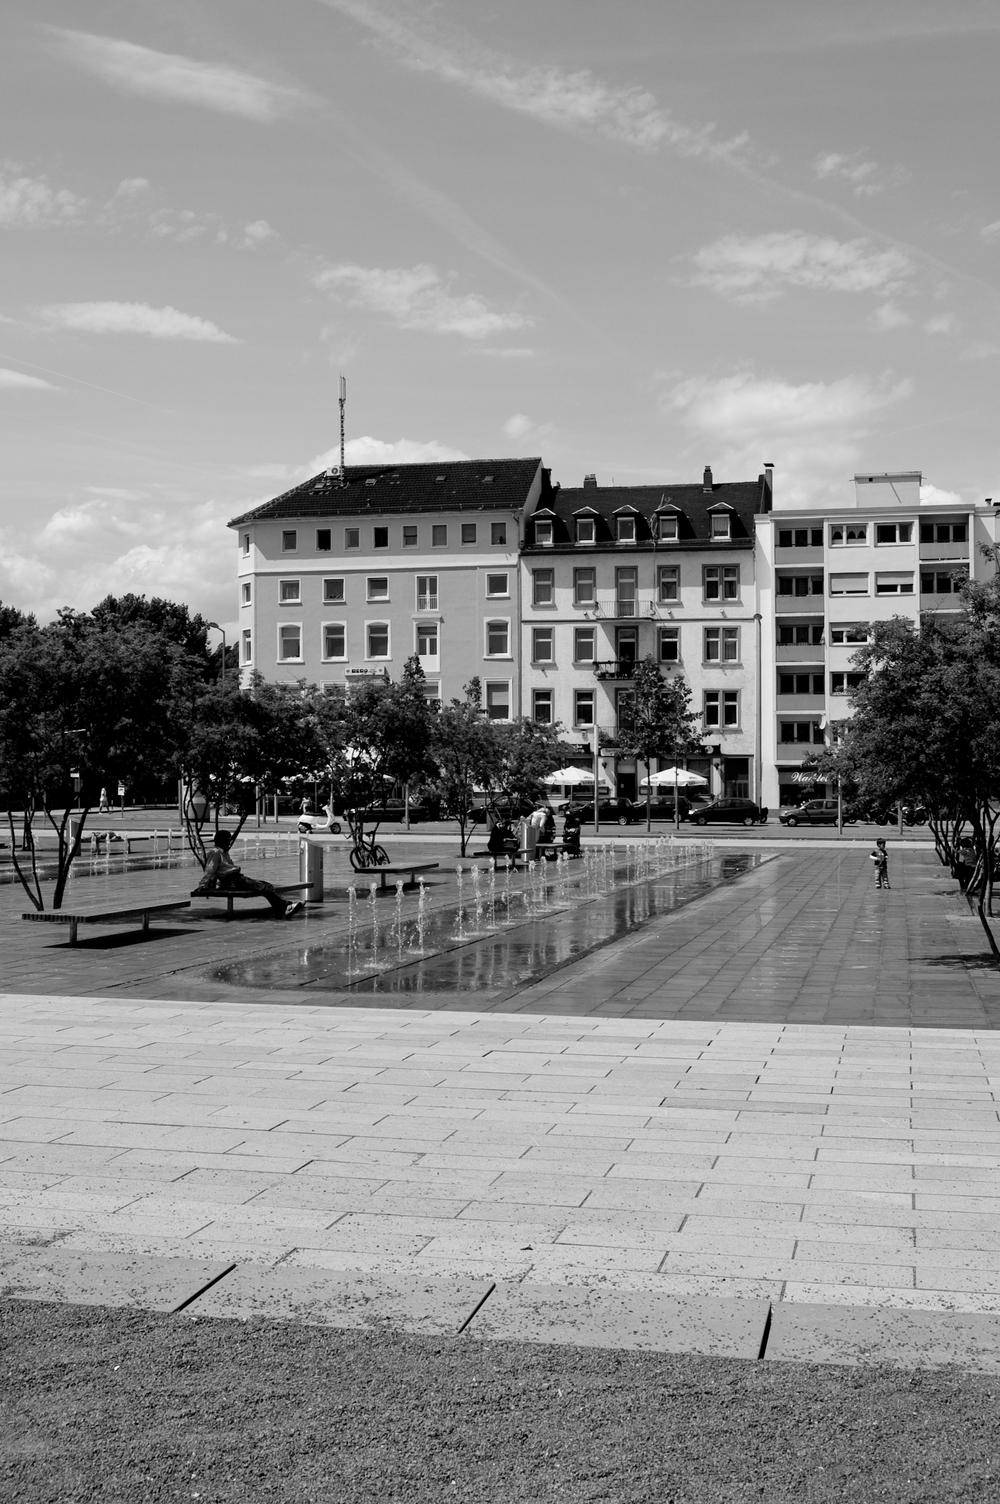 Messplatz